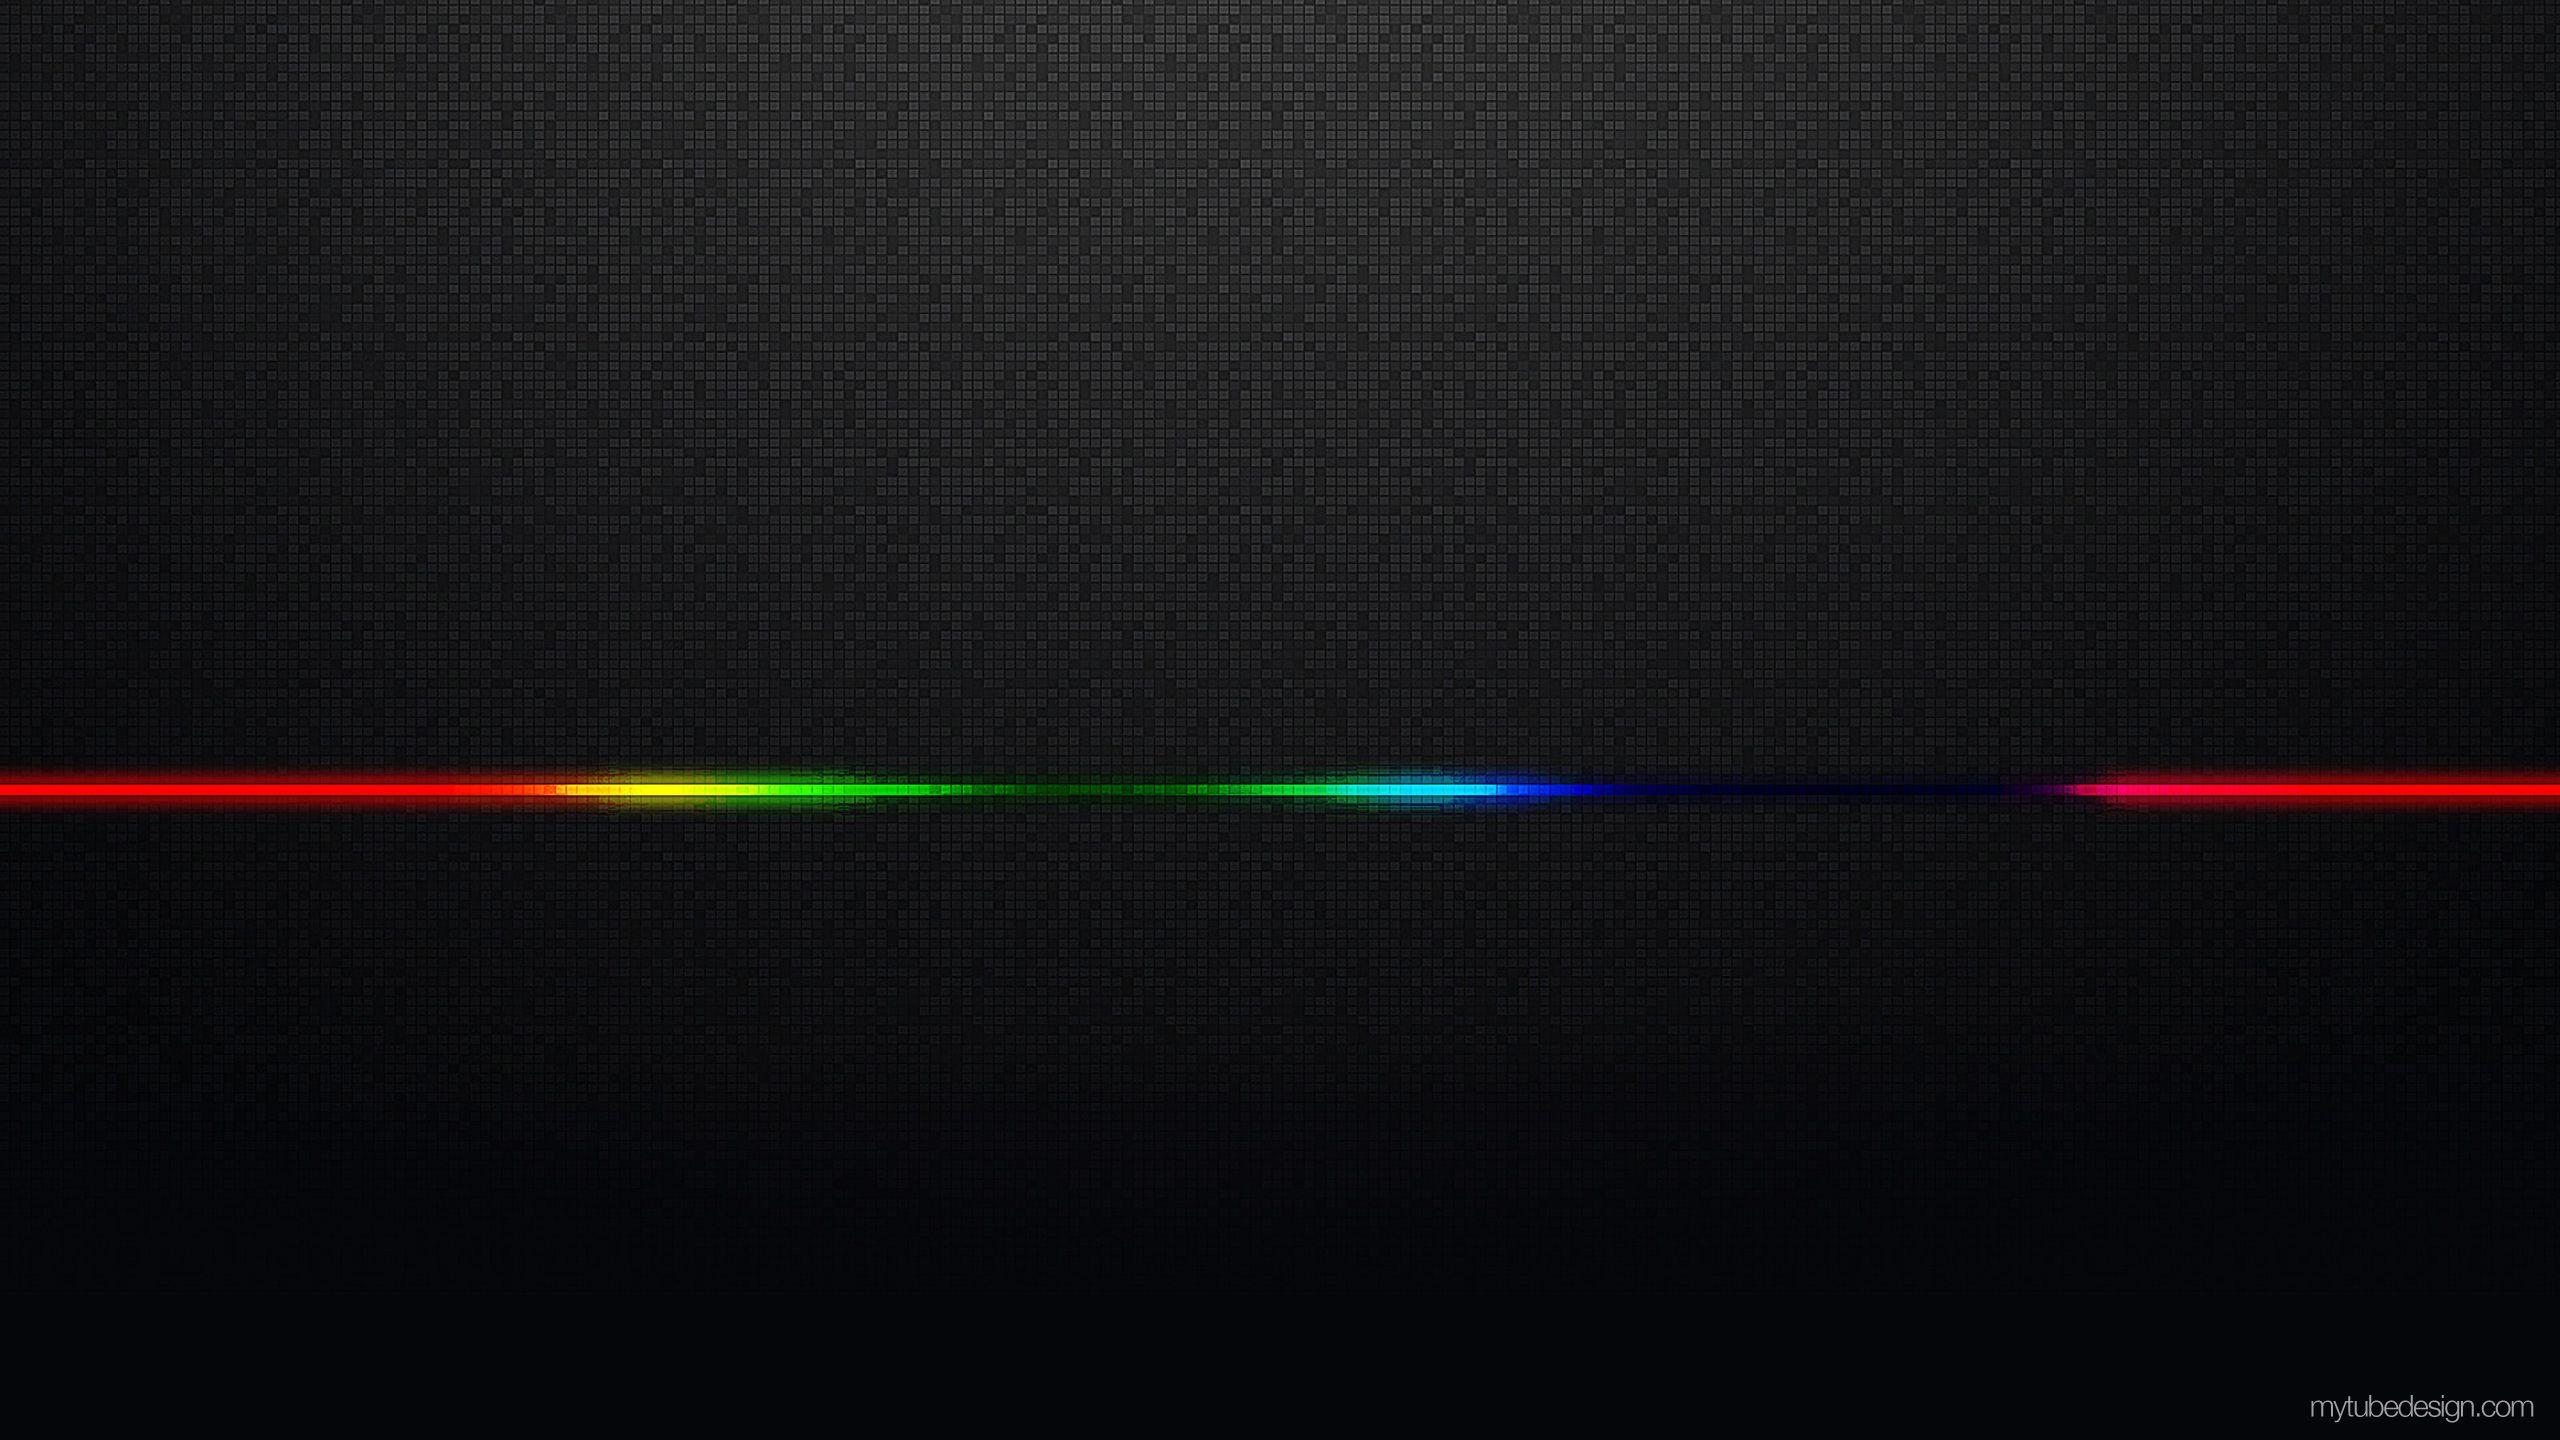 фото 2560 x 1440 пикс для ютуба